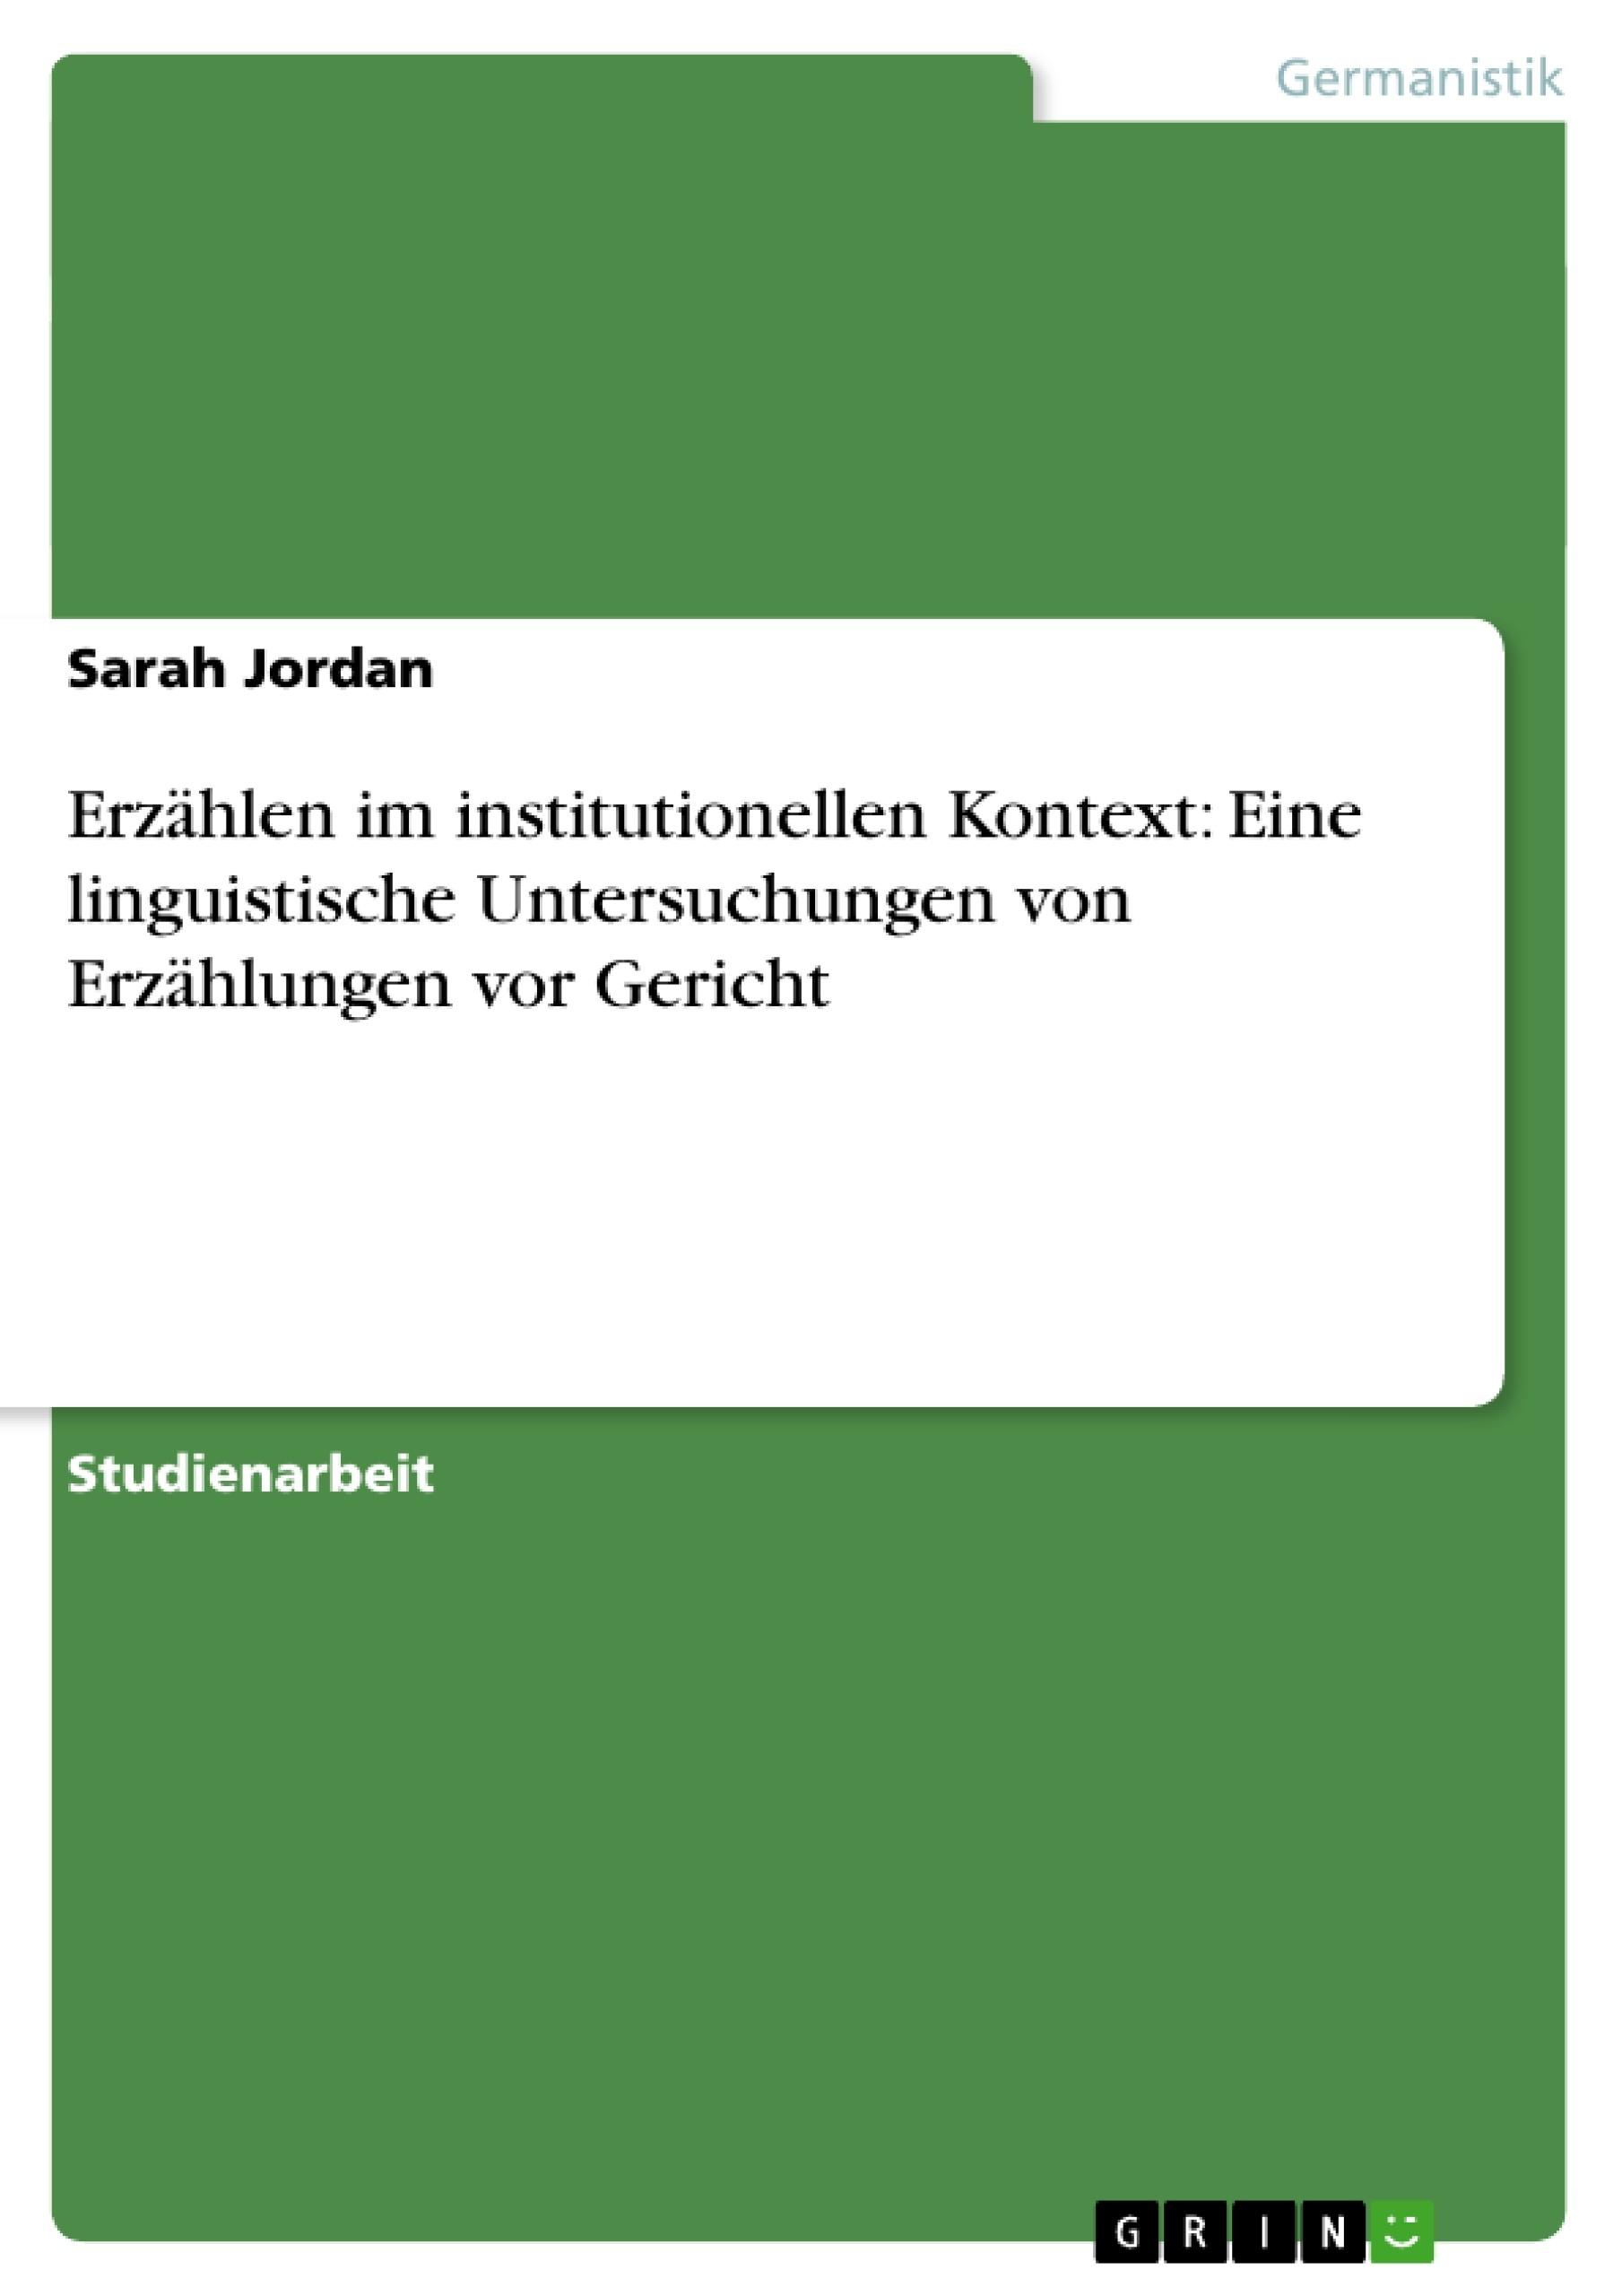 Titel: Erzählen im institutionellen Kontext: Eine linguistische Untersuchungen von Erzählungen vor Gericht